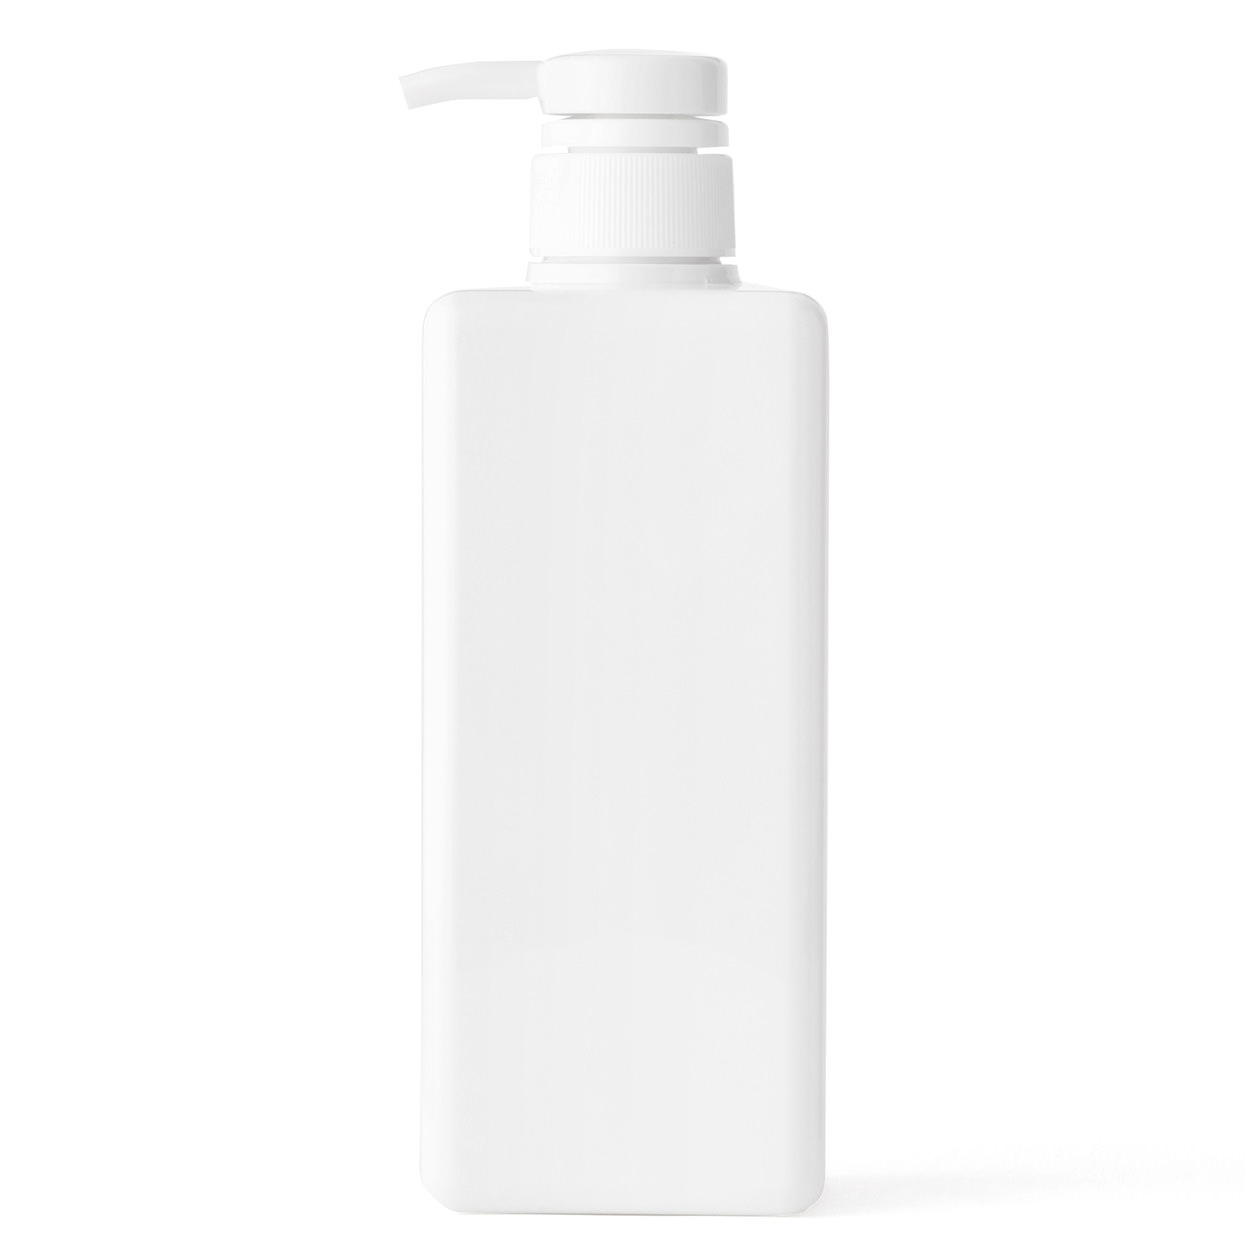 RoomClip商品情報 - PET詰替ボトル クリア 600ml用 ホワイト 600ml用